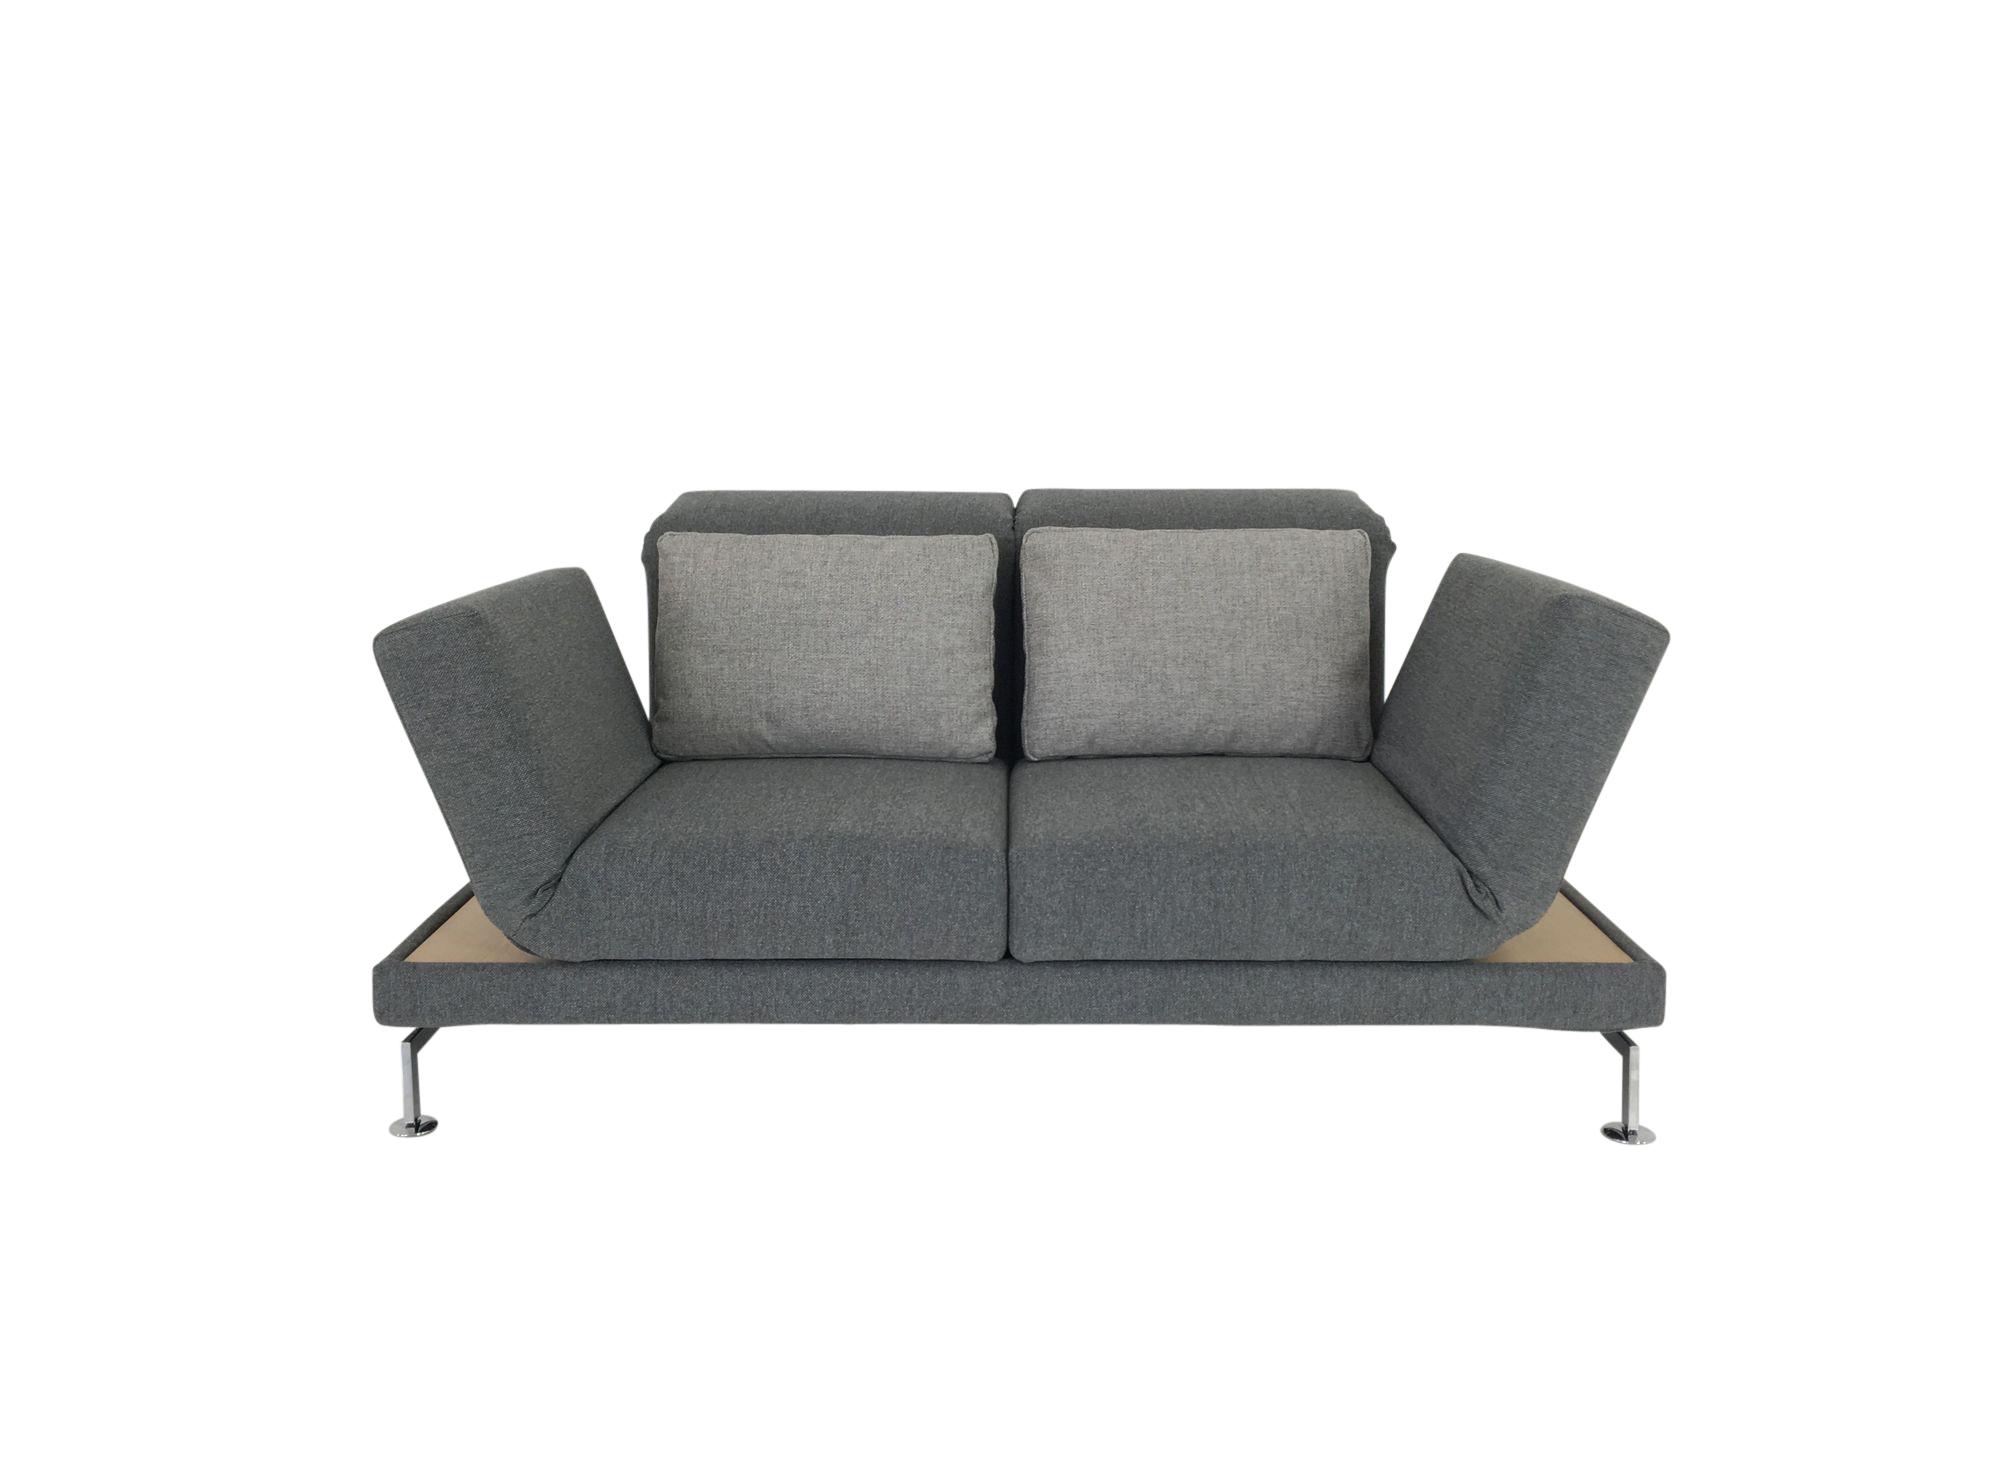 Bruhl Moule Small Sofa 2 Mit Drehsitzen In Stoff Grau Mit Beidseitigen Ablagen In Eiche Bruhl Moule Small Bruhl Moule Bruhl Izabela K